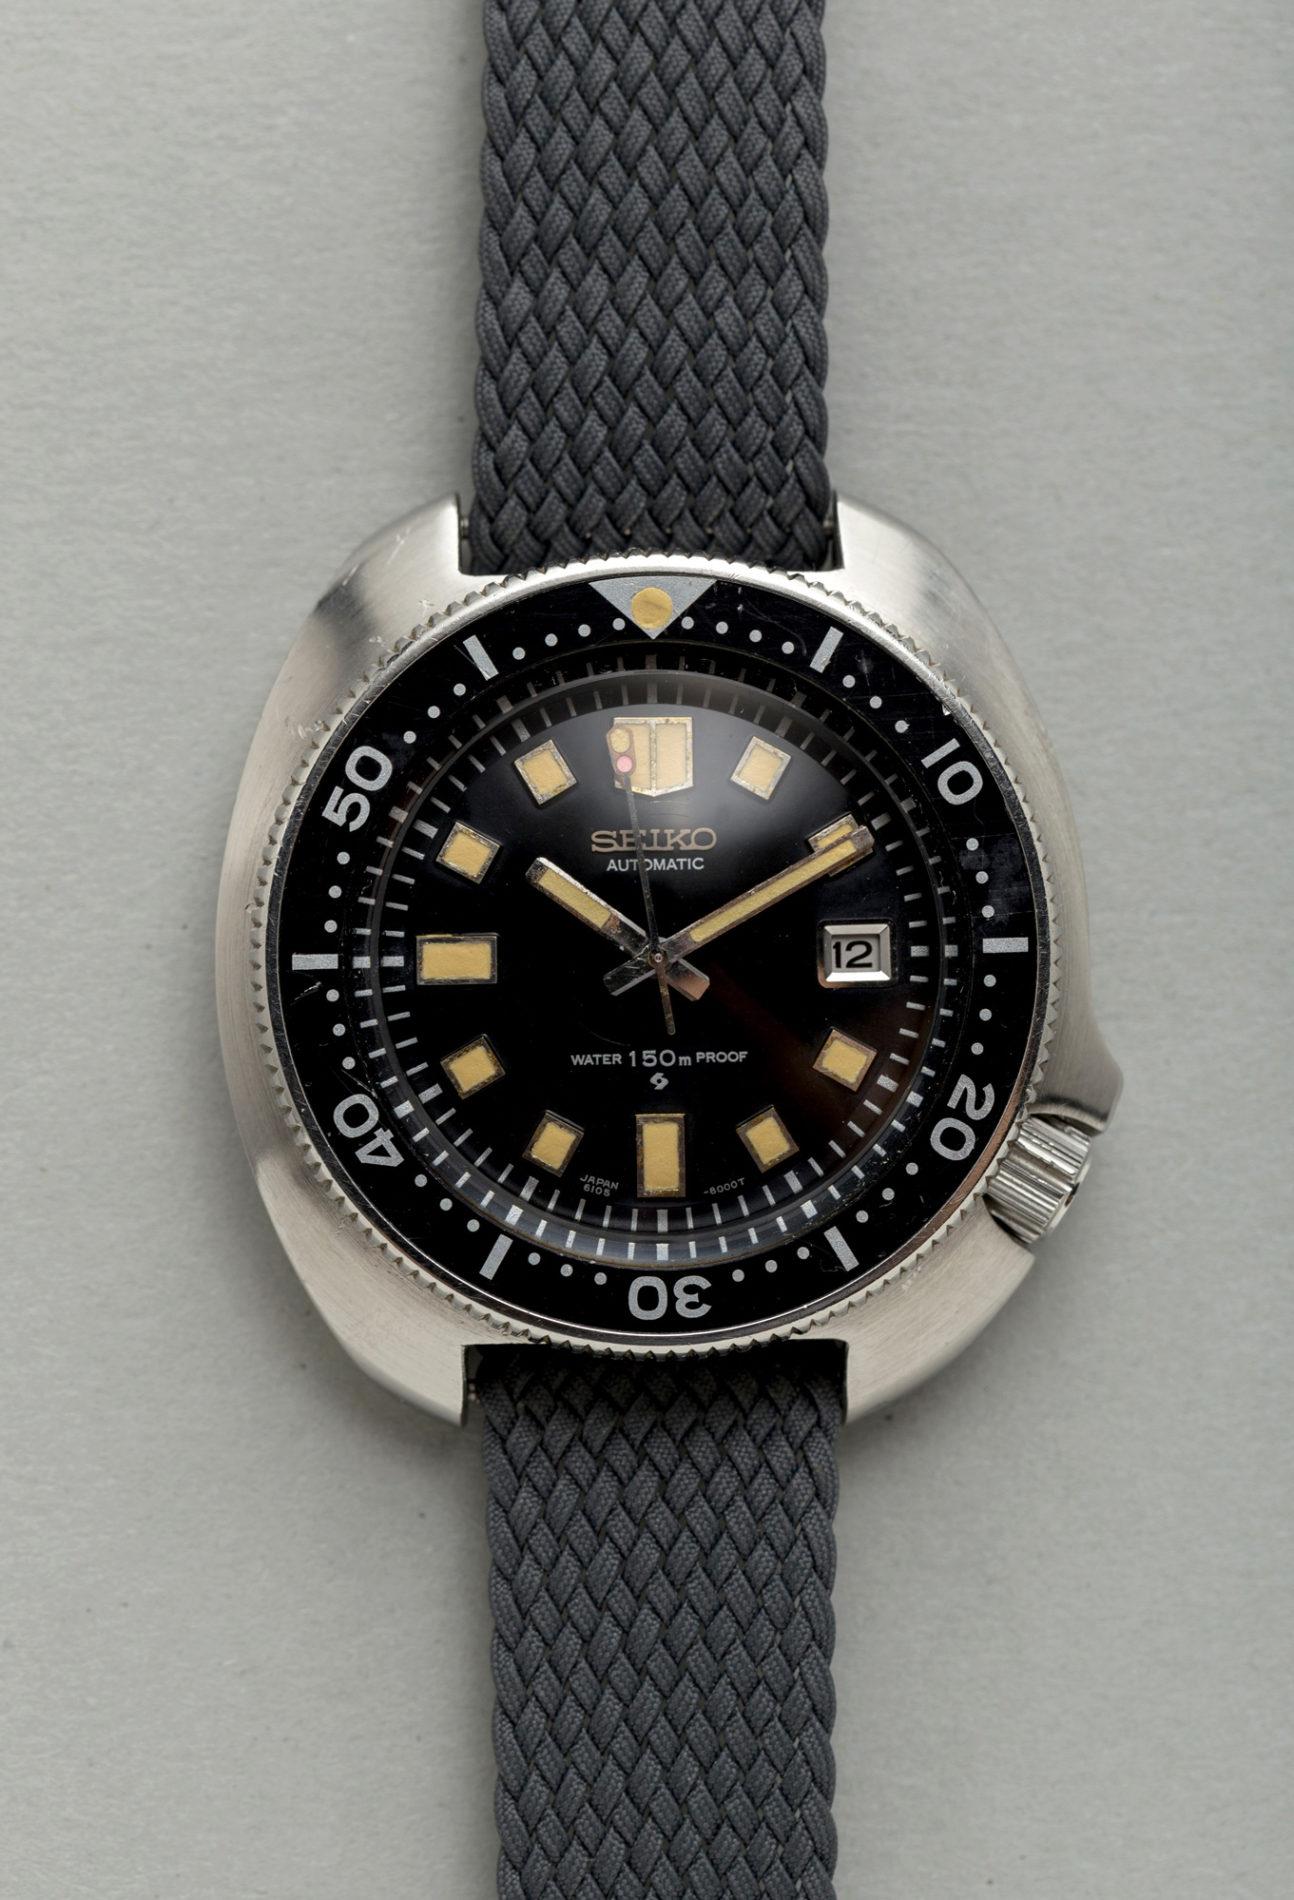 seiko vintage diver ref  6105  u0026 39 martin sheen u0026 39